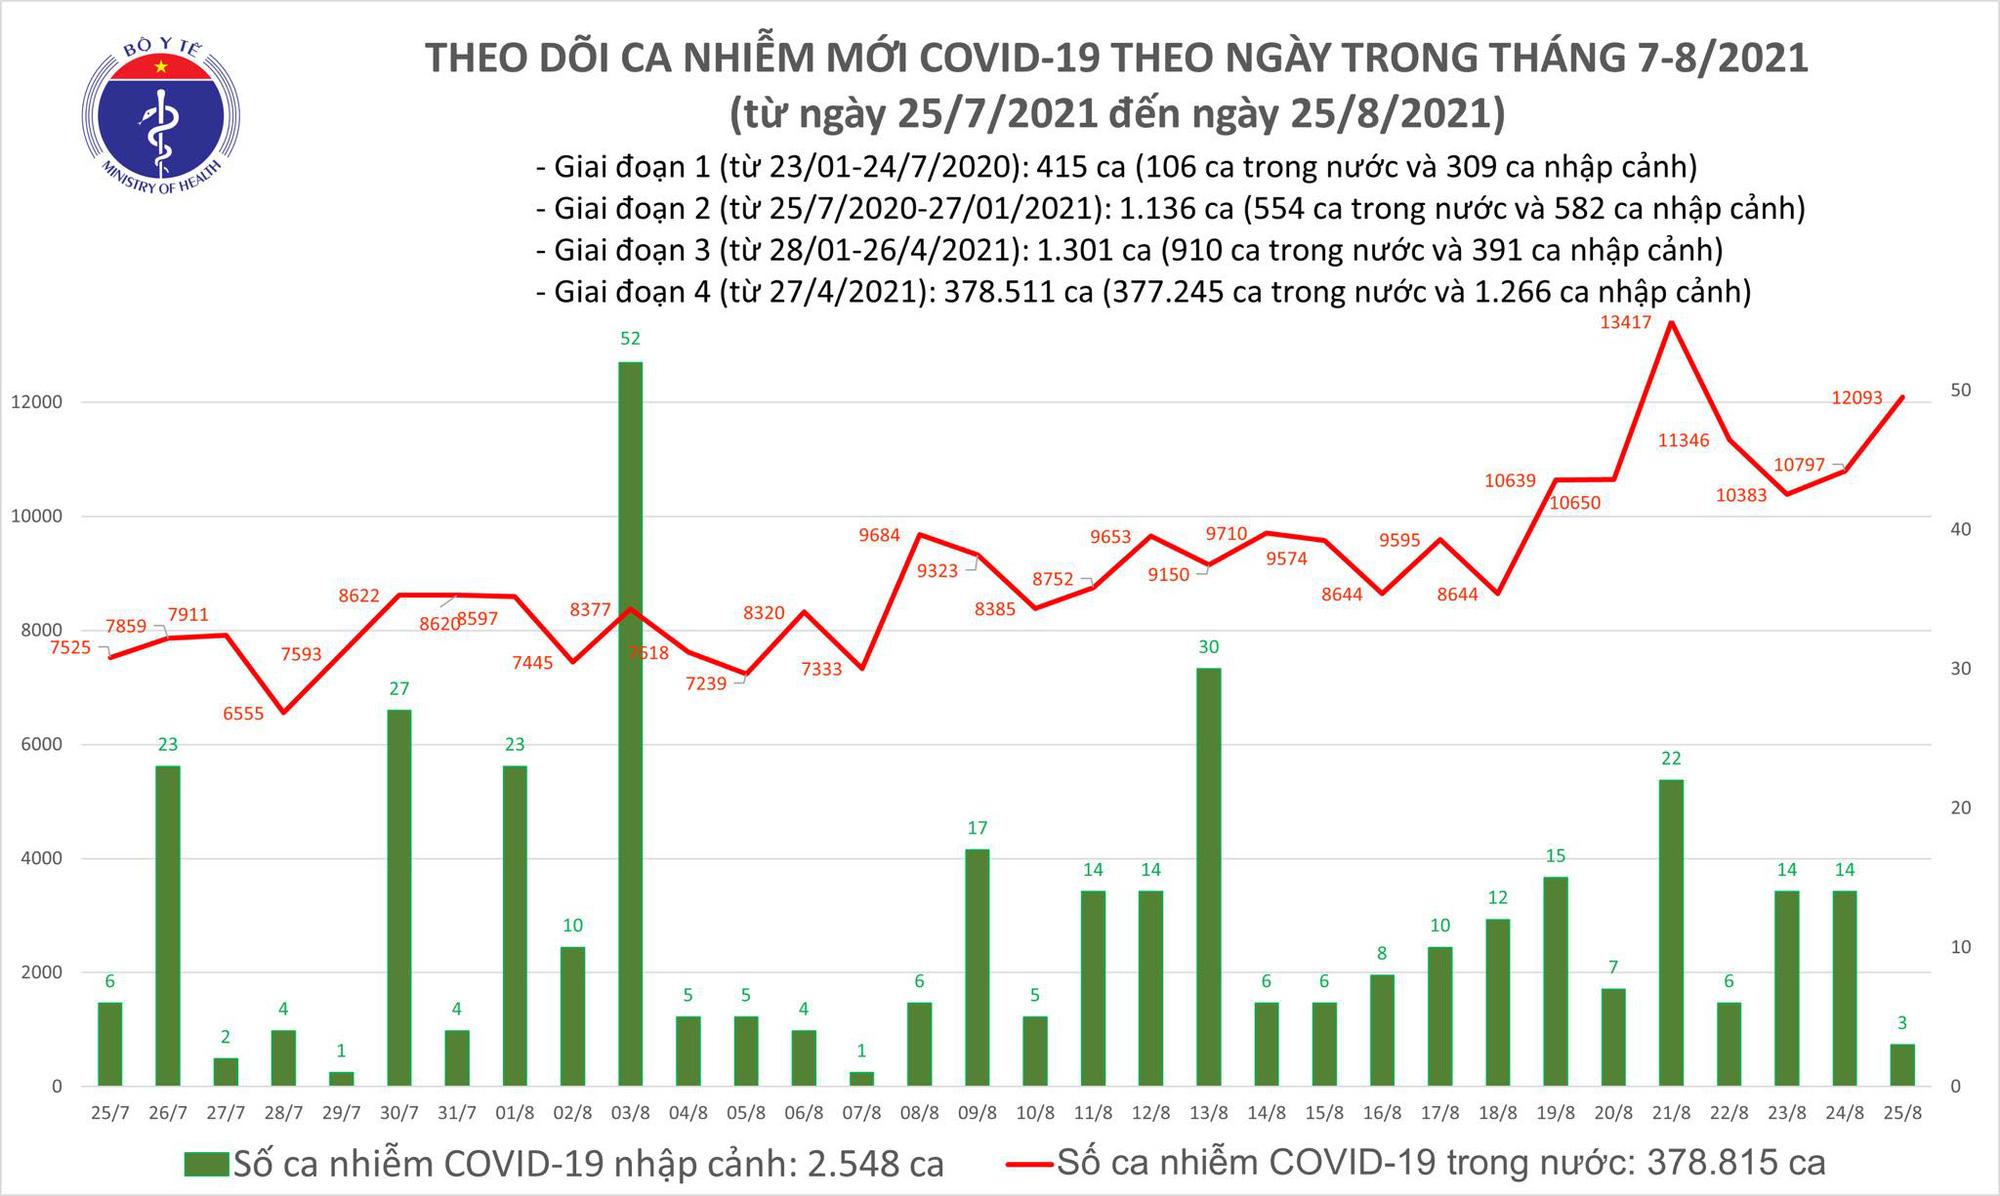 Tối 25/8: Thêm 12.09 ca mắc COVID-19, riêng TP Hồ Chí Minh đã 5.294 ca - Ảnh 1.